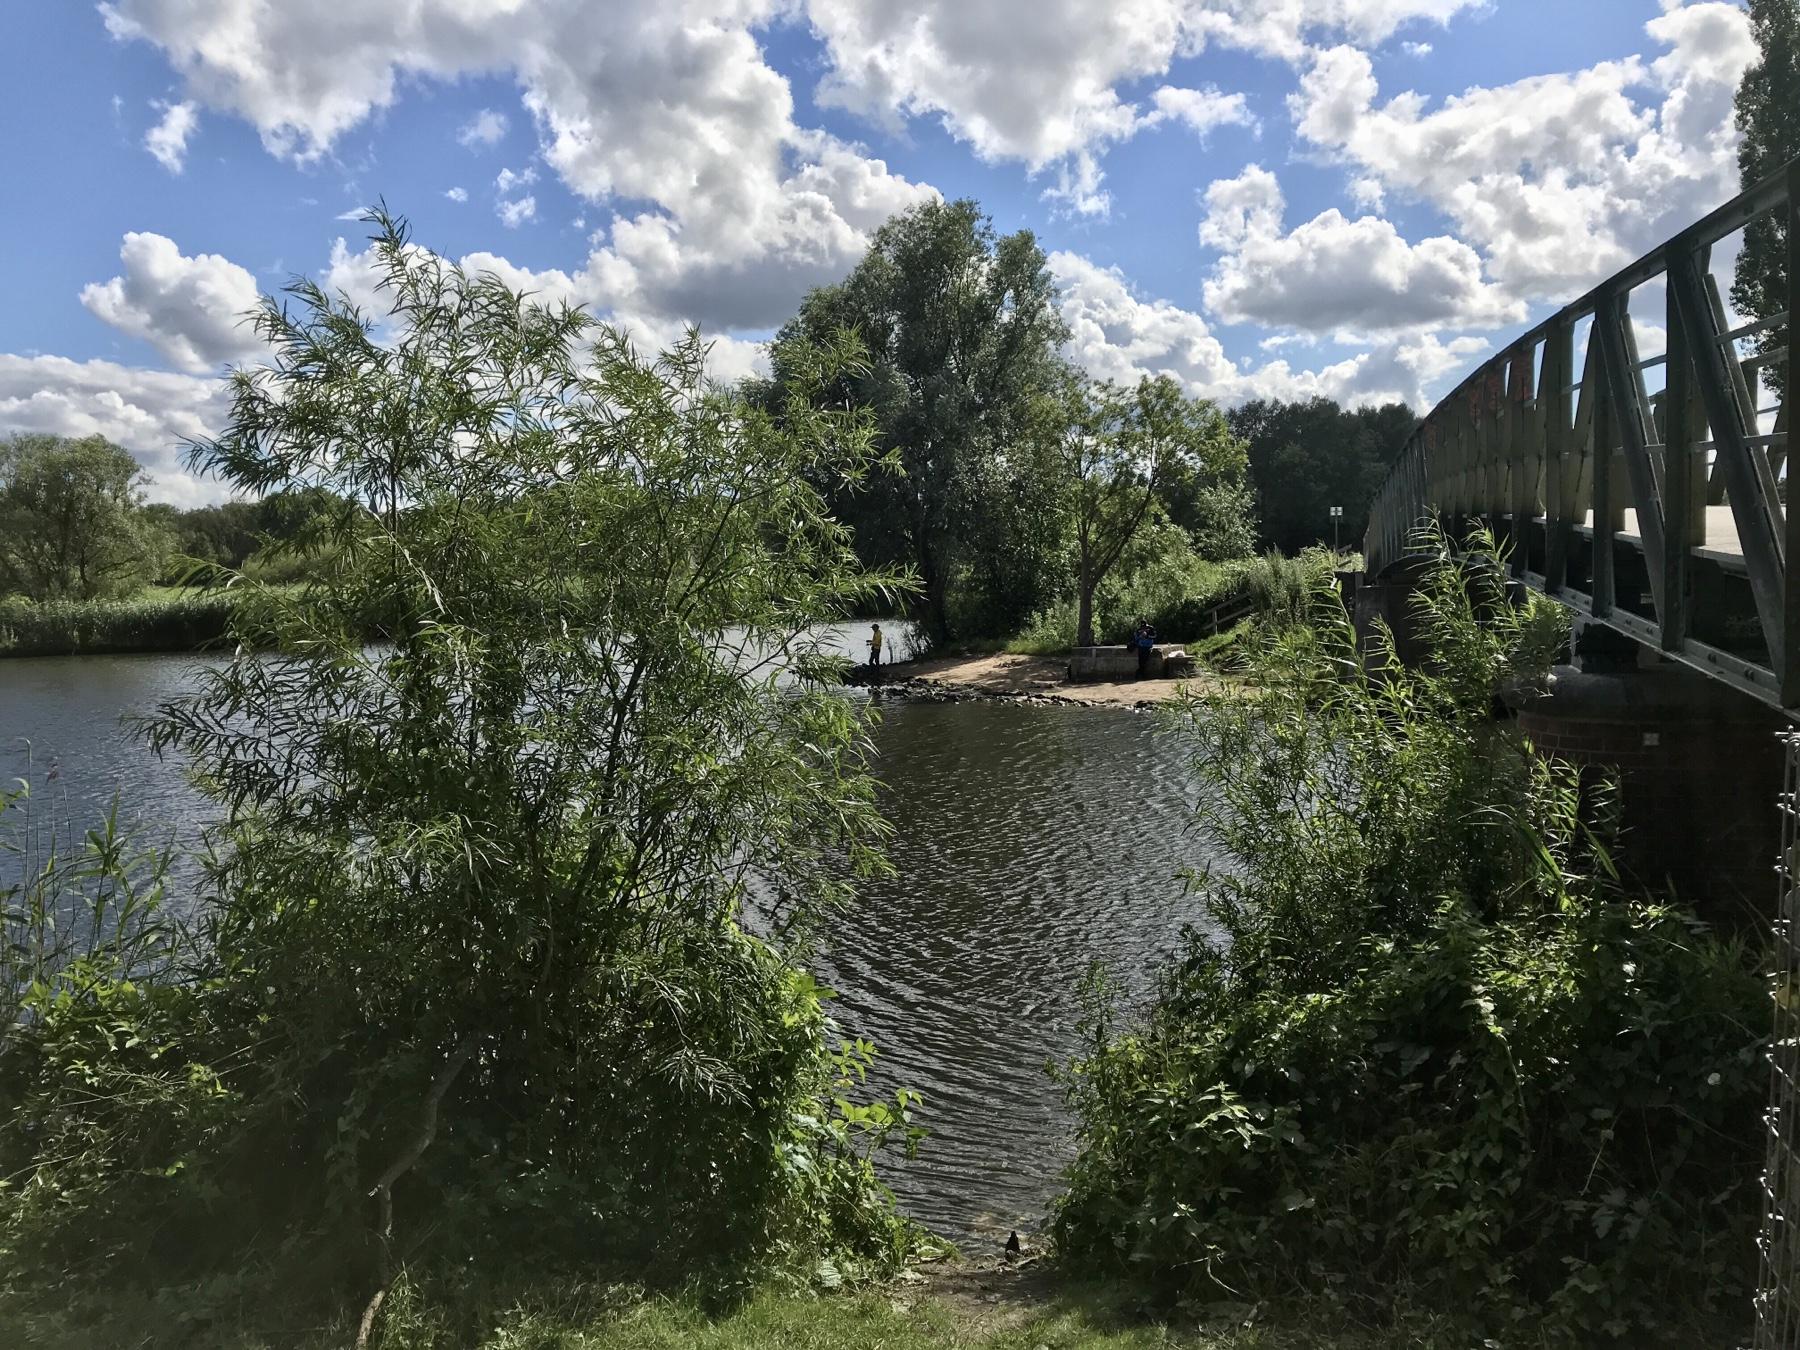 Trave und Elbe-Lübeck-Kanal fließen ineinander. Stormarnweg Etappe 6